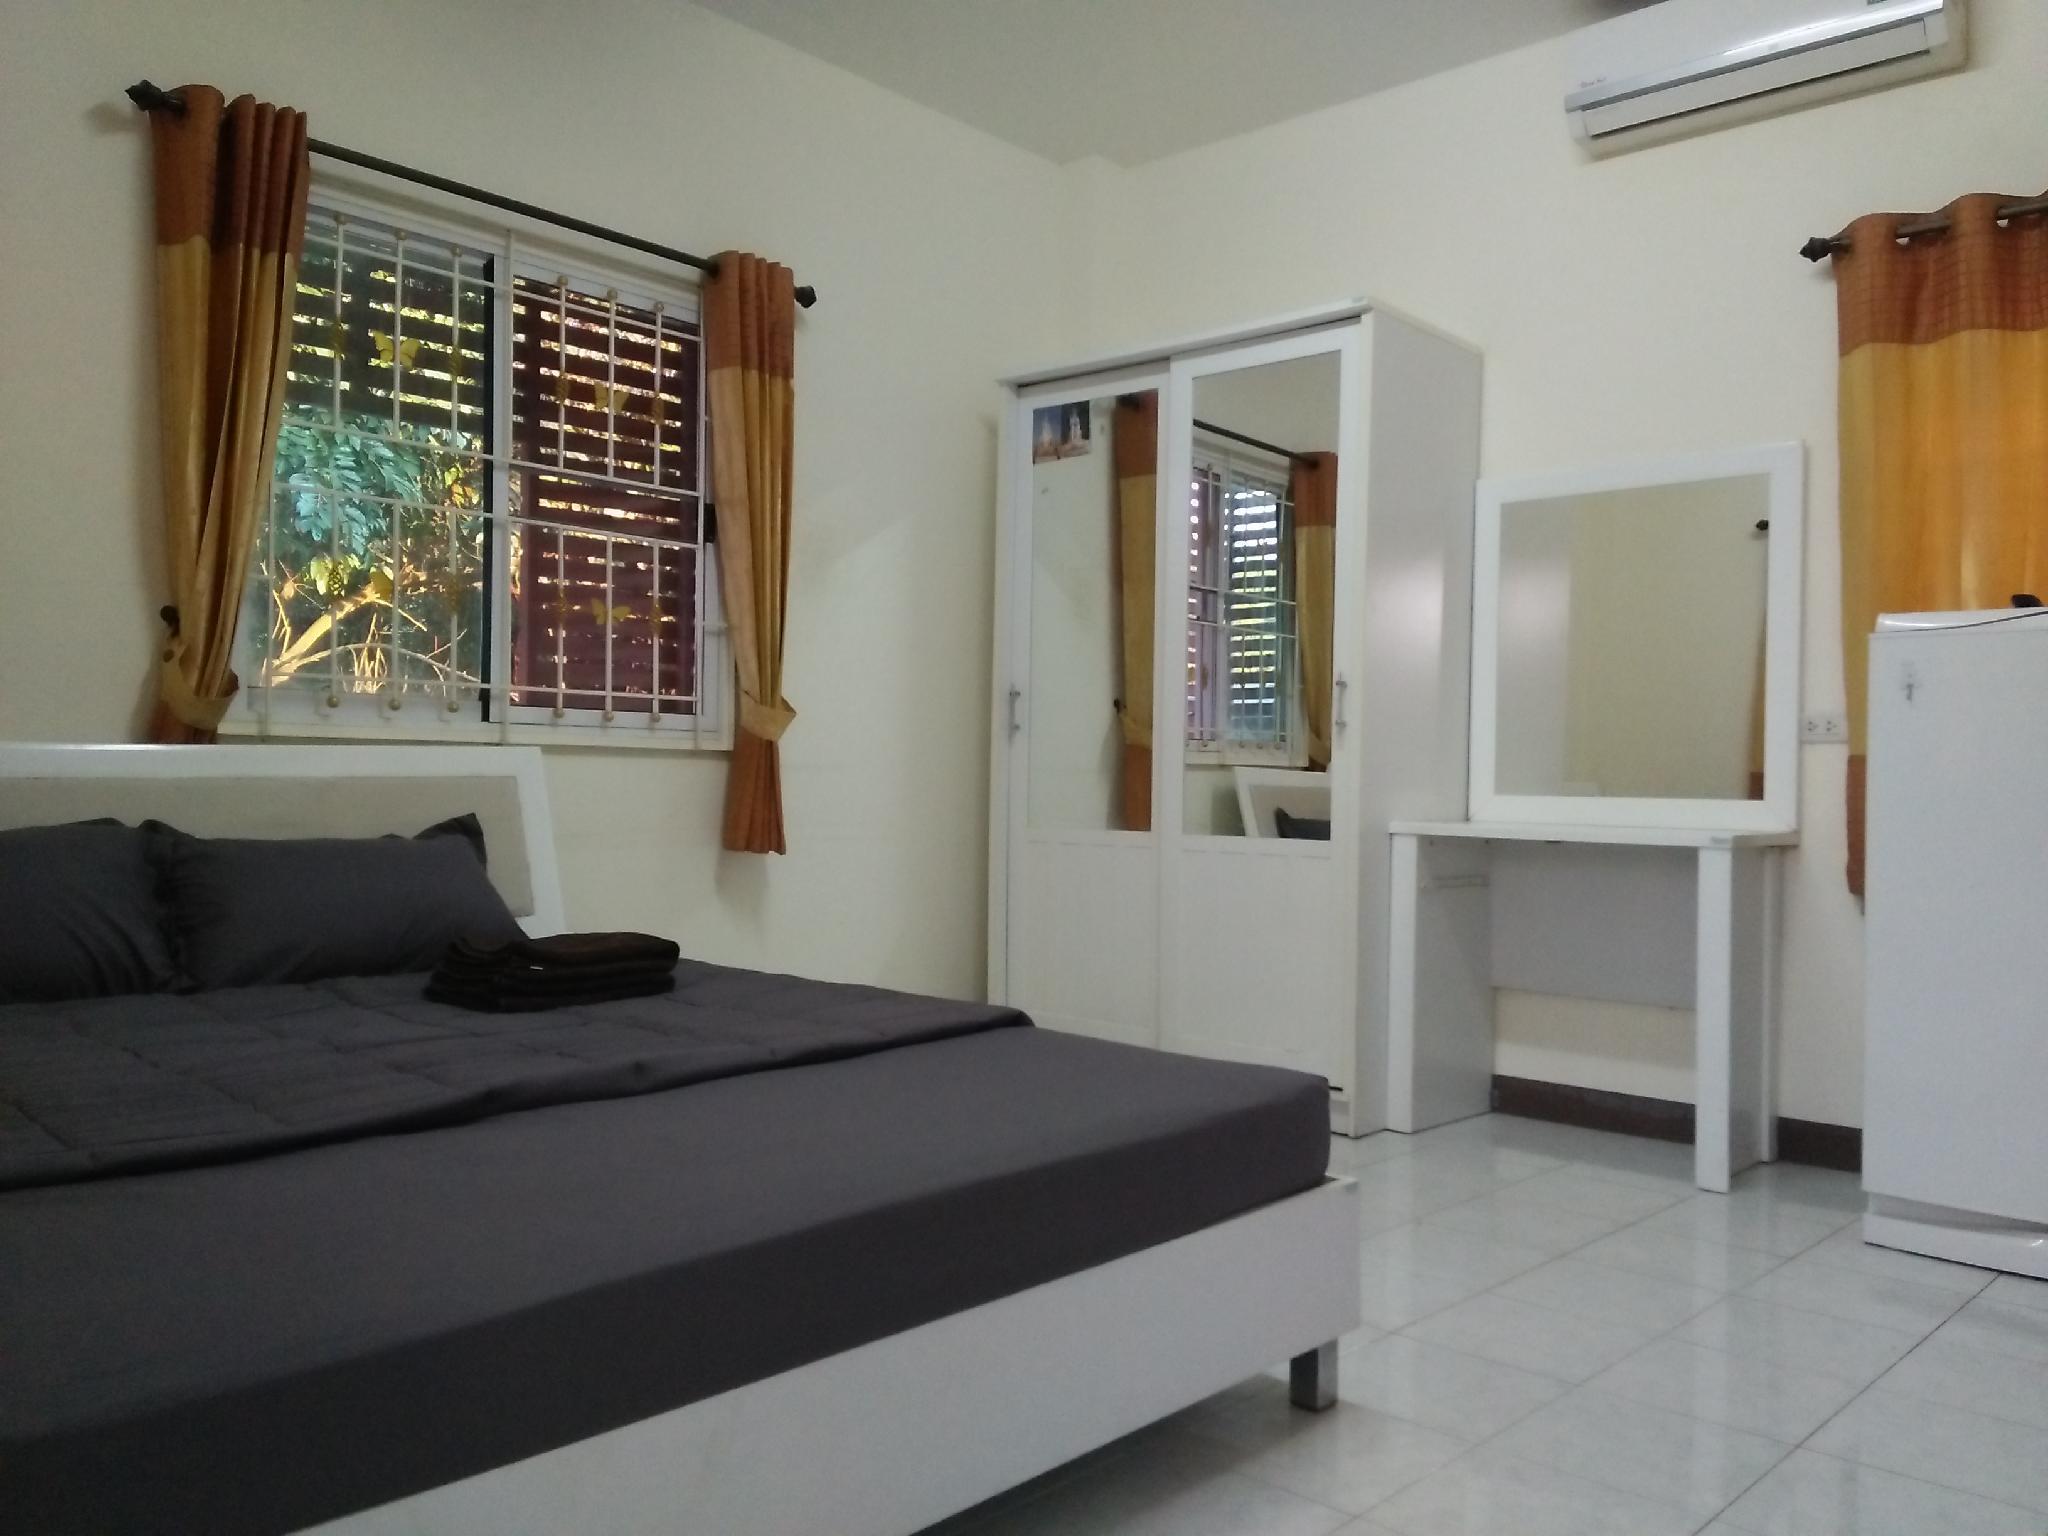 636 Apartment